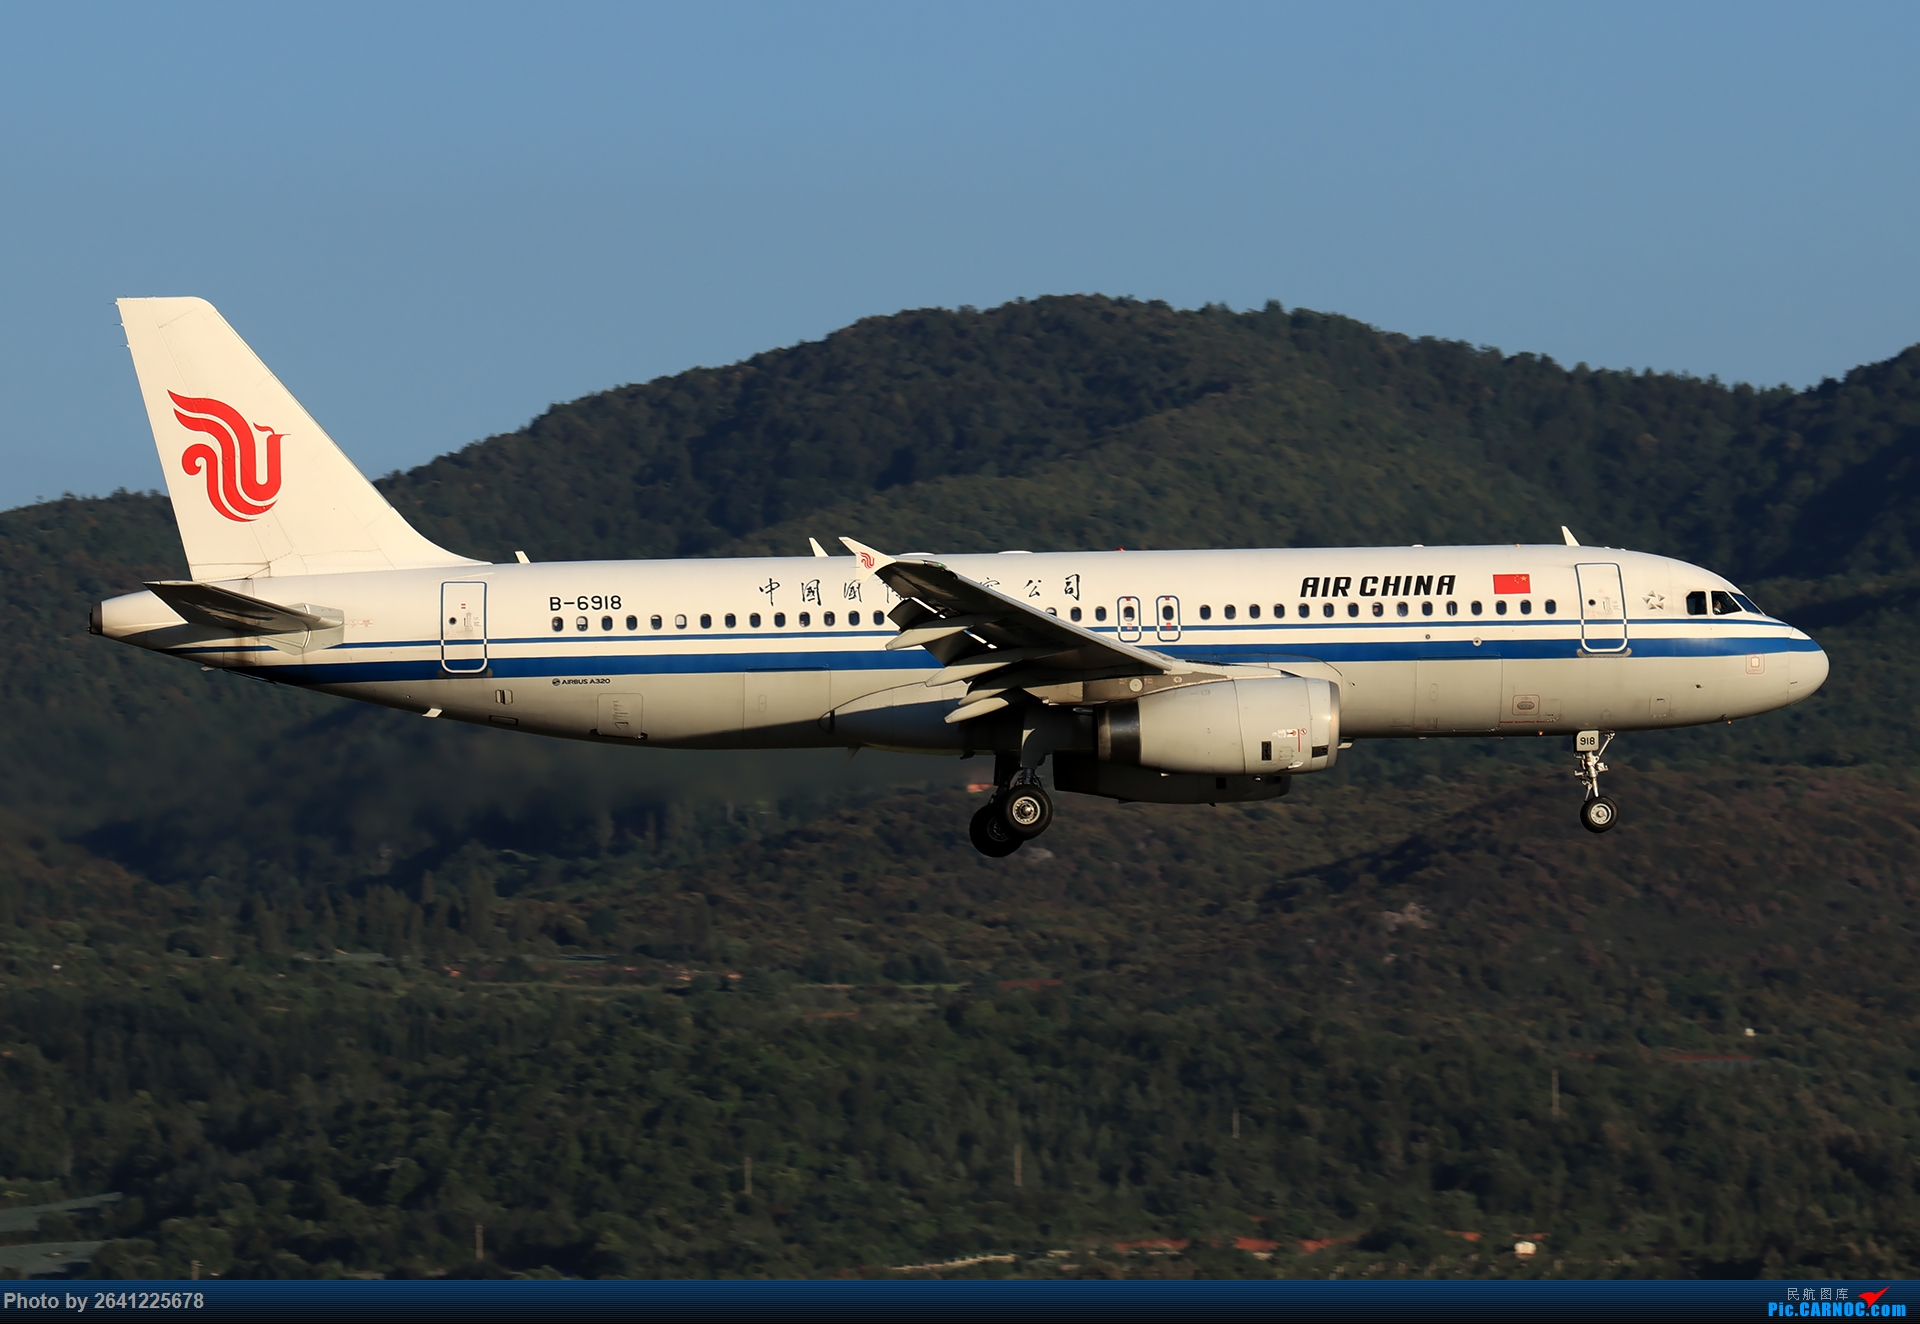 Re:[原创]【KMG】又见长水(1) AIRBUS A320-200 B-6918 中国昆明长水国际机场